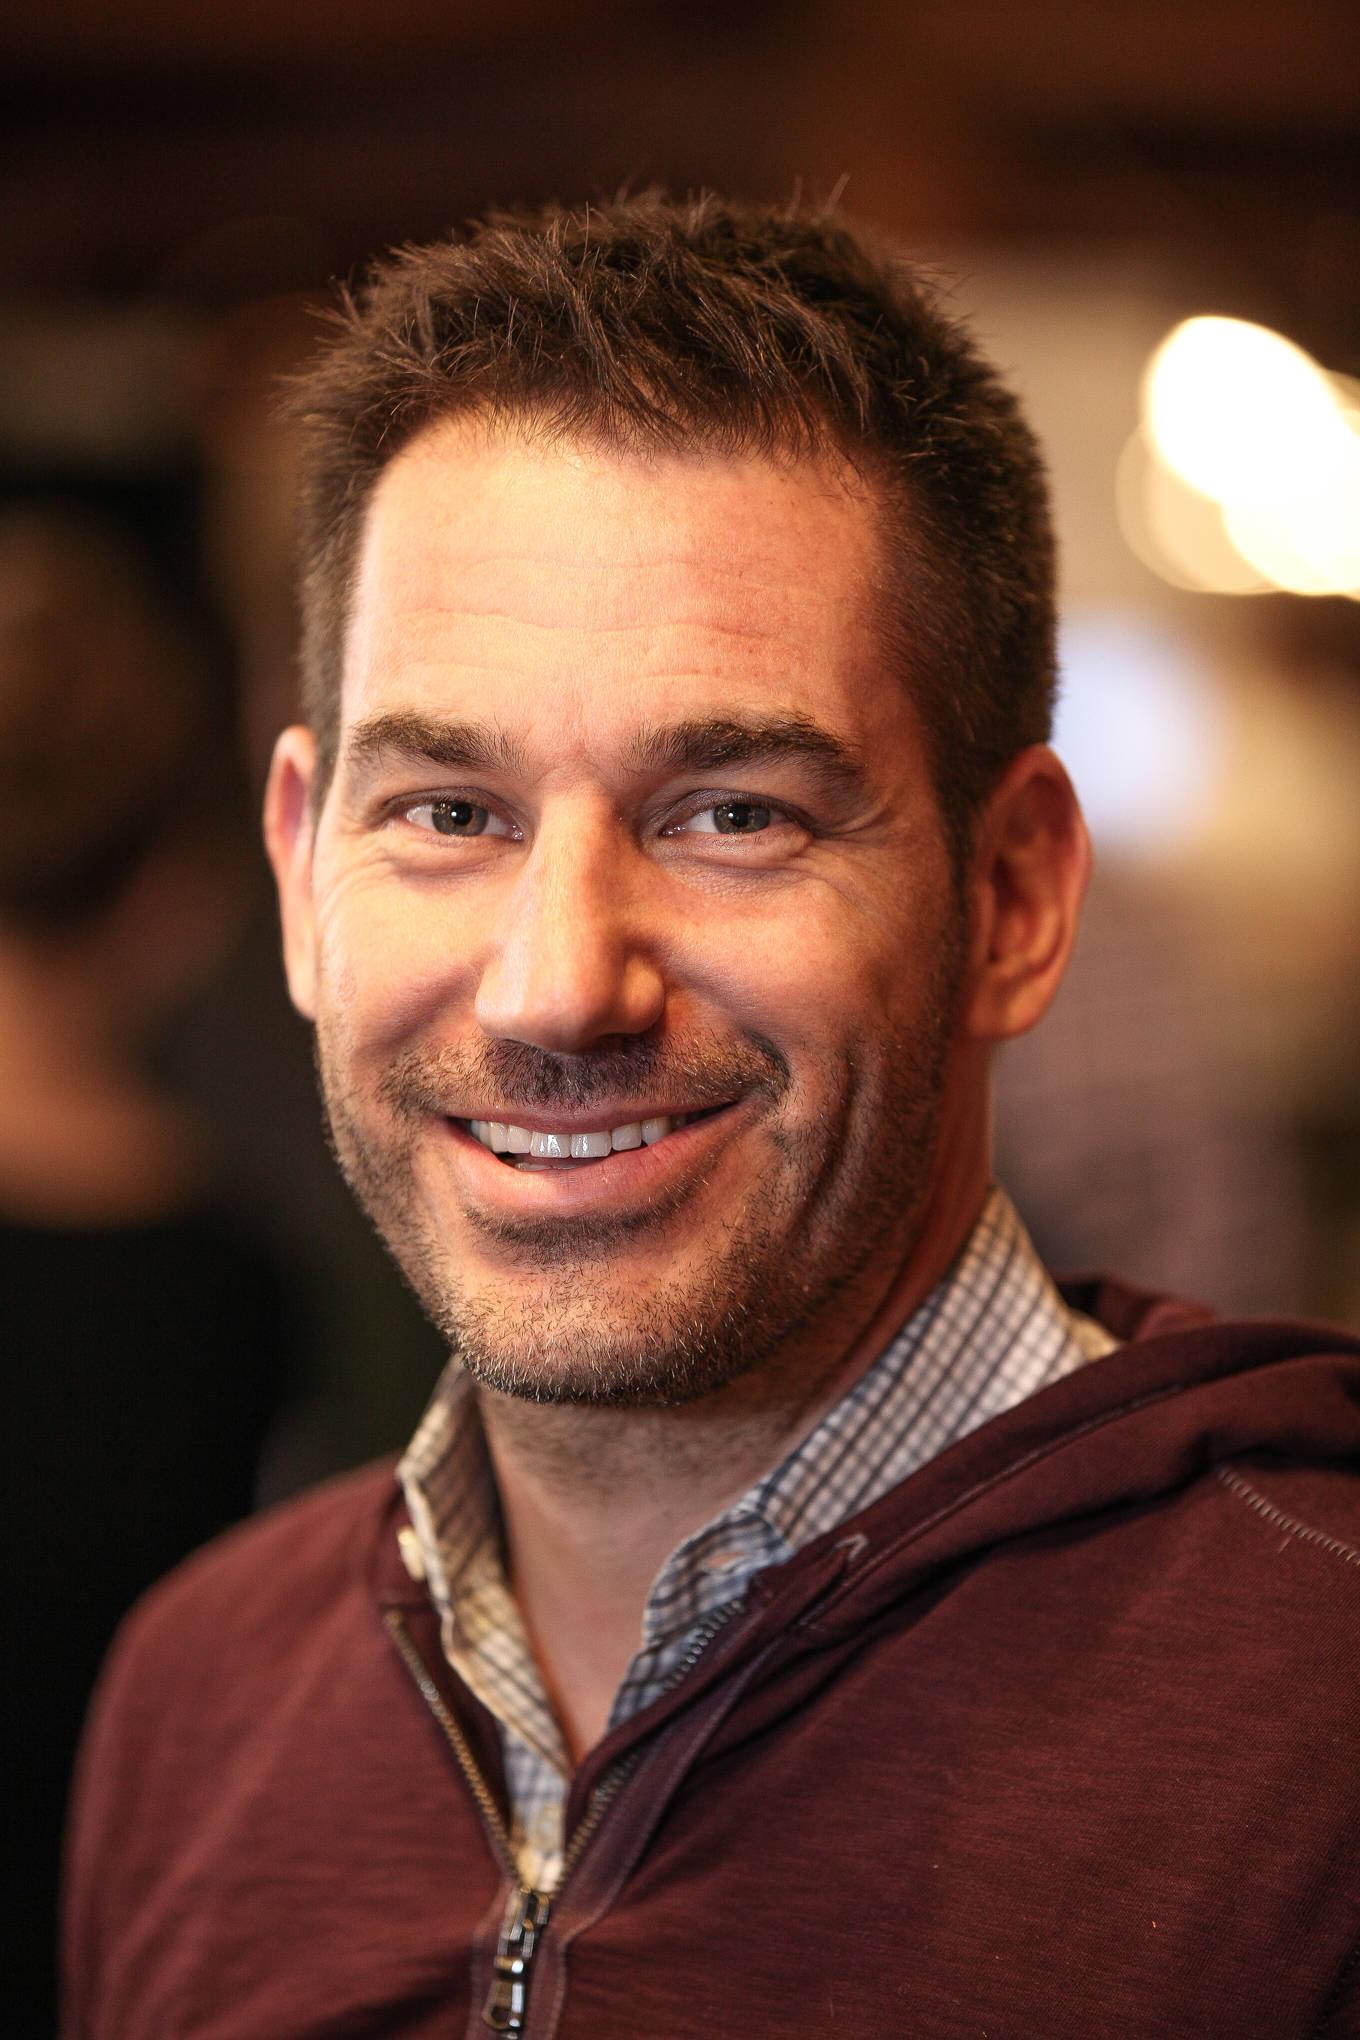 Craig Morantz, CEO of Kira Talent